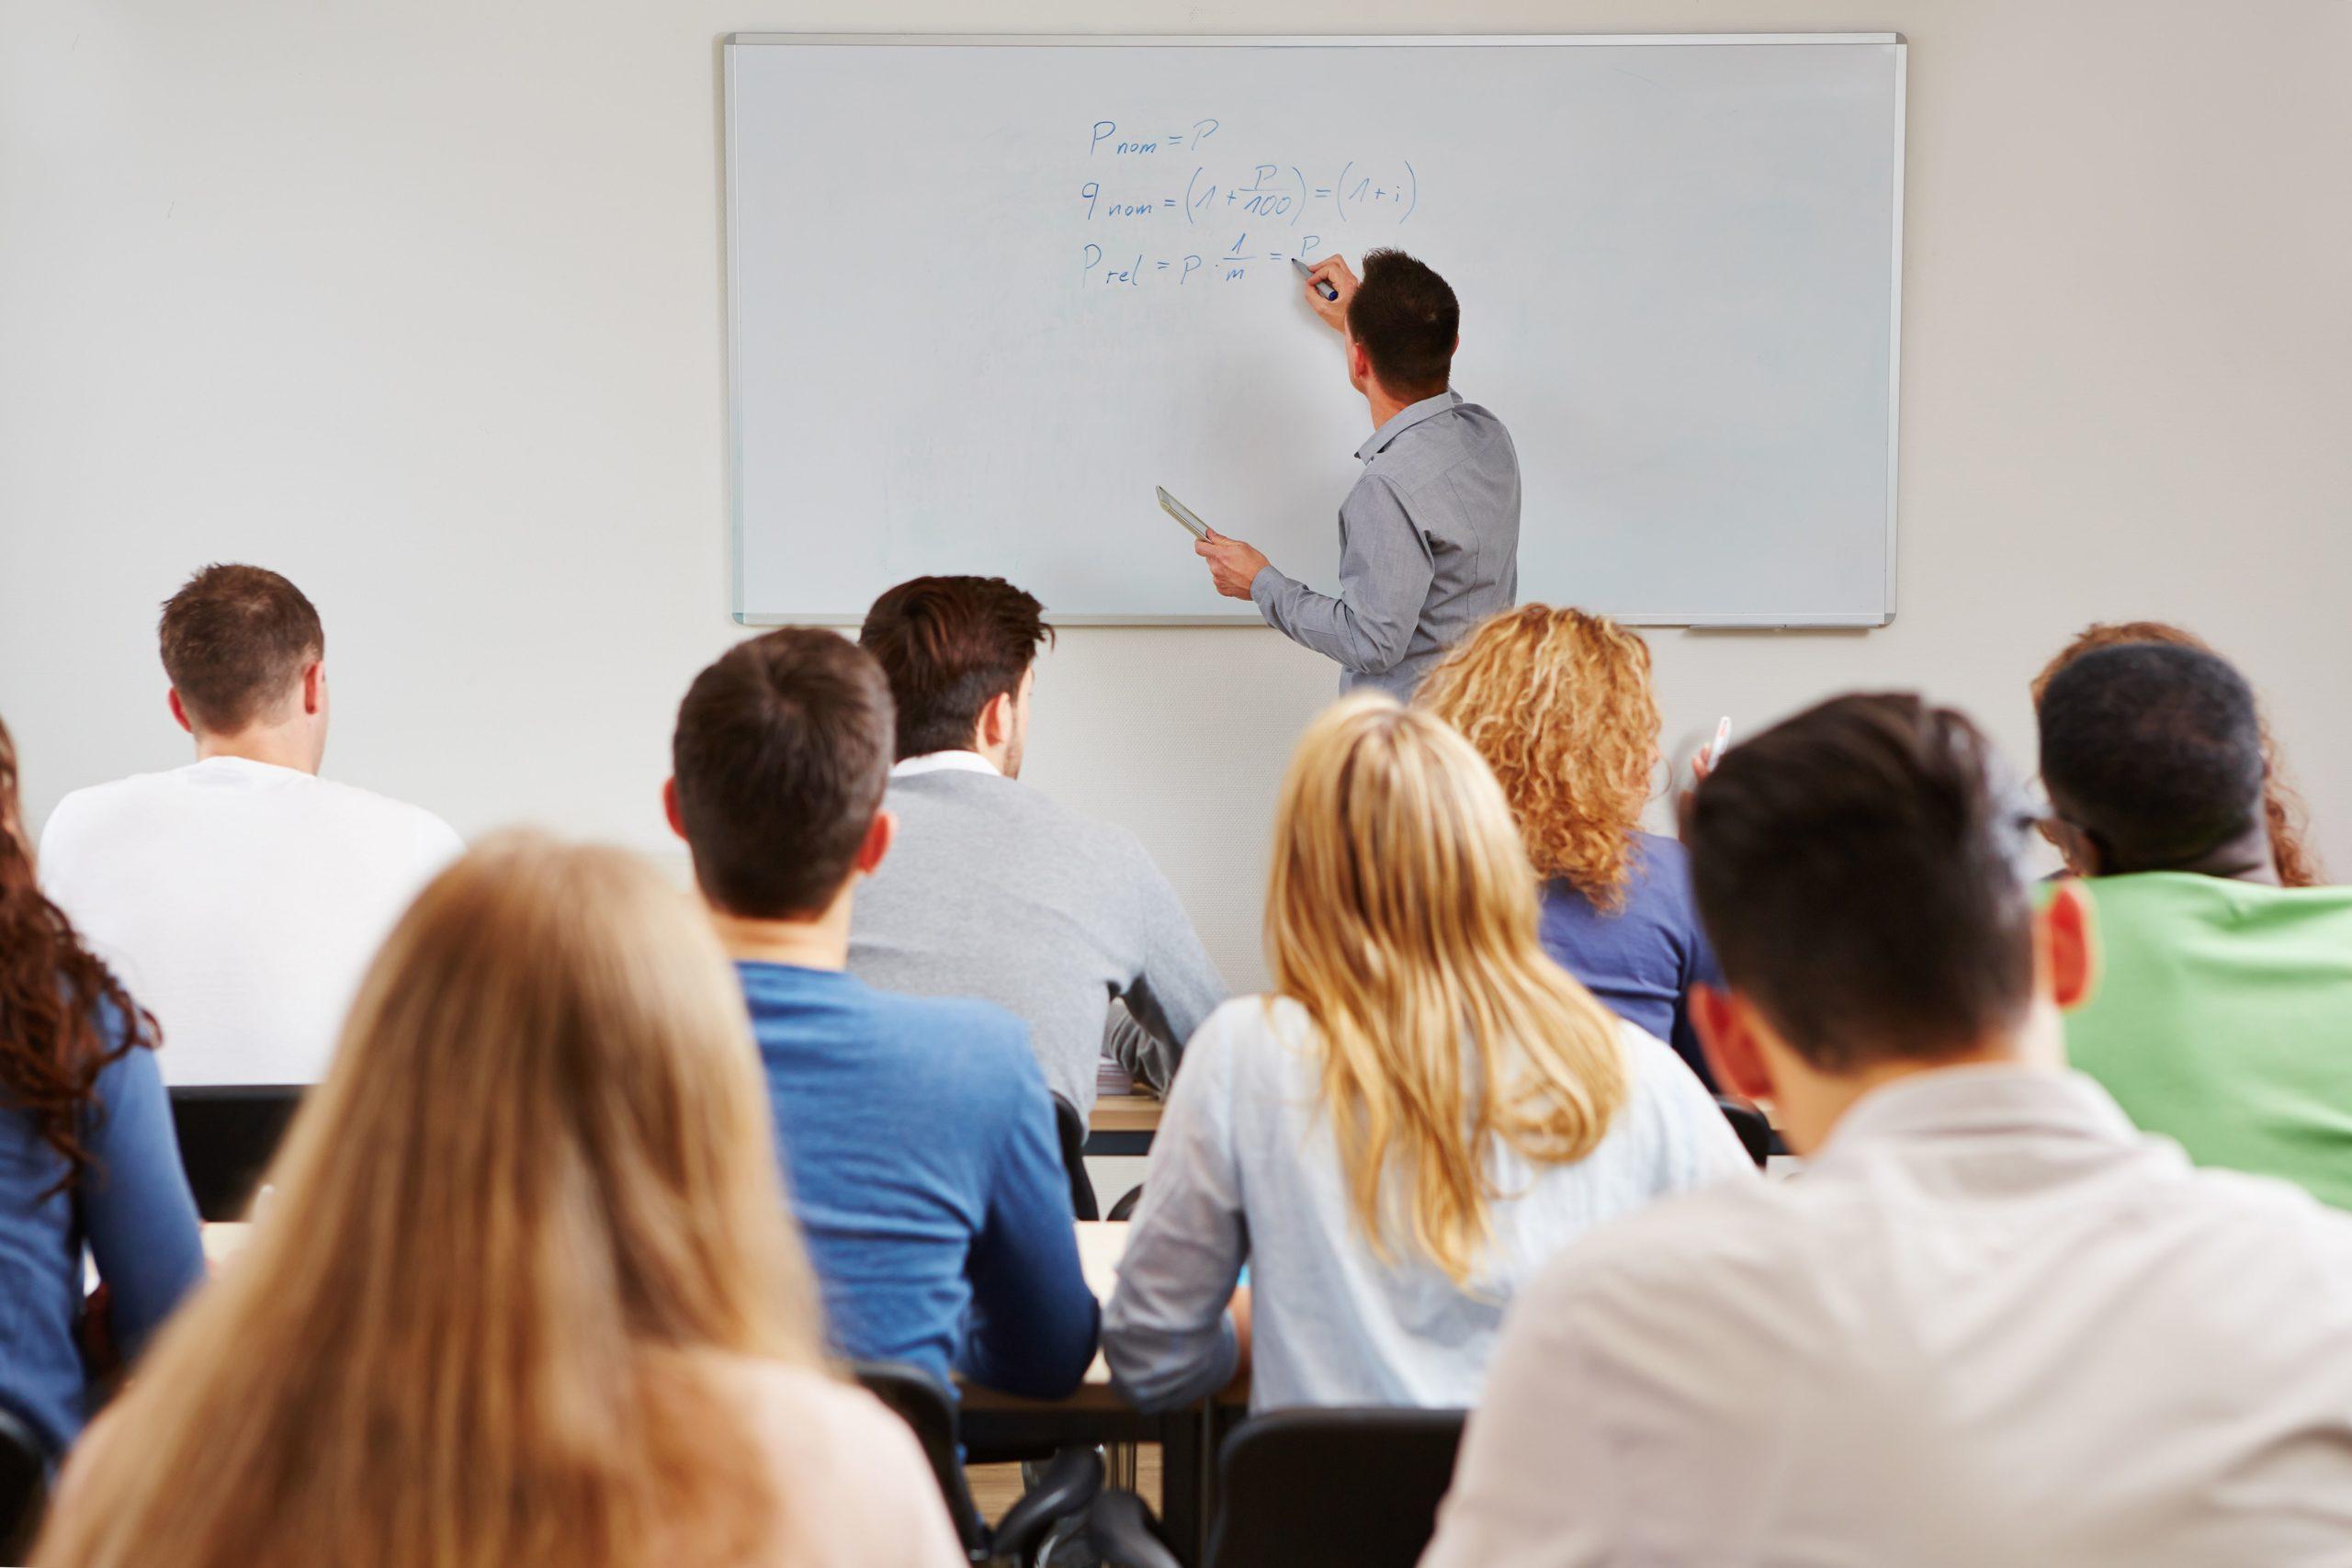 Professeur écrivant au tableau devant une classe